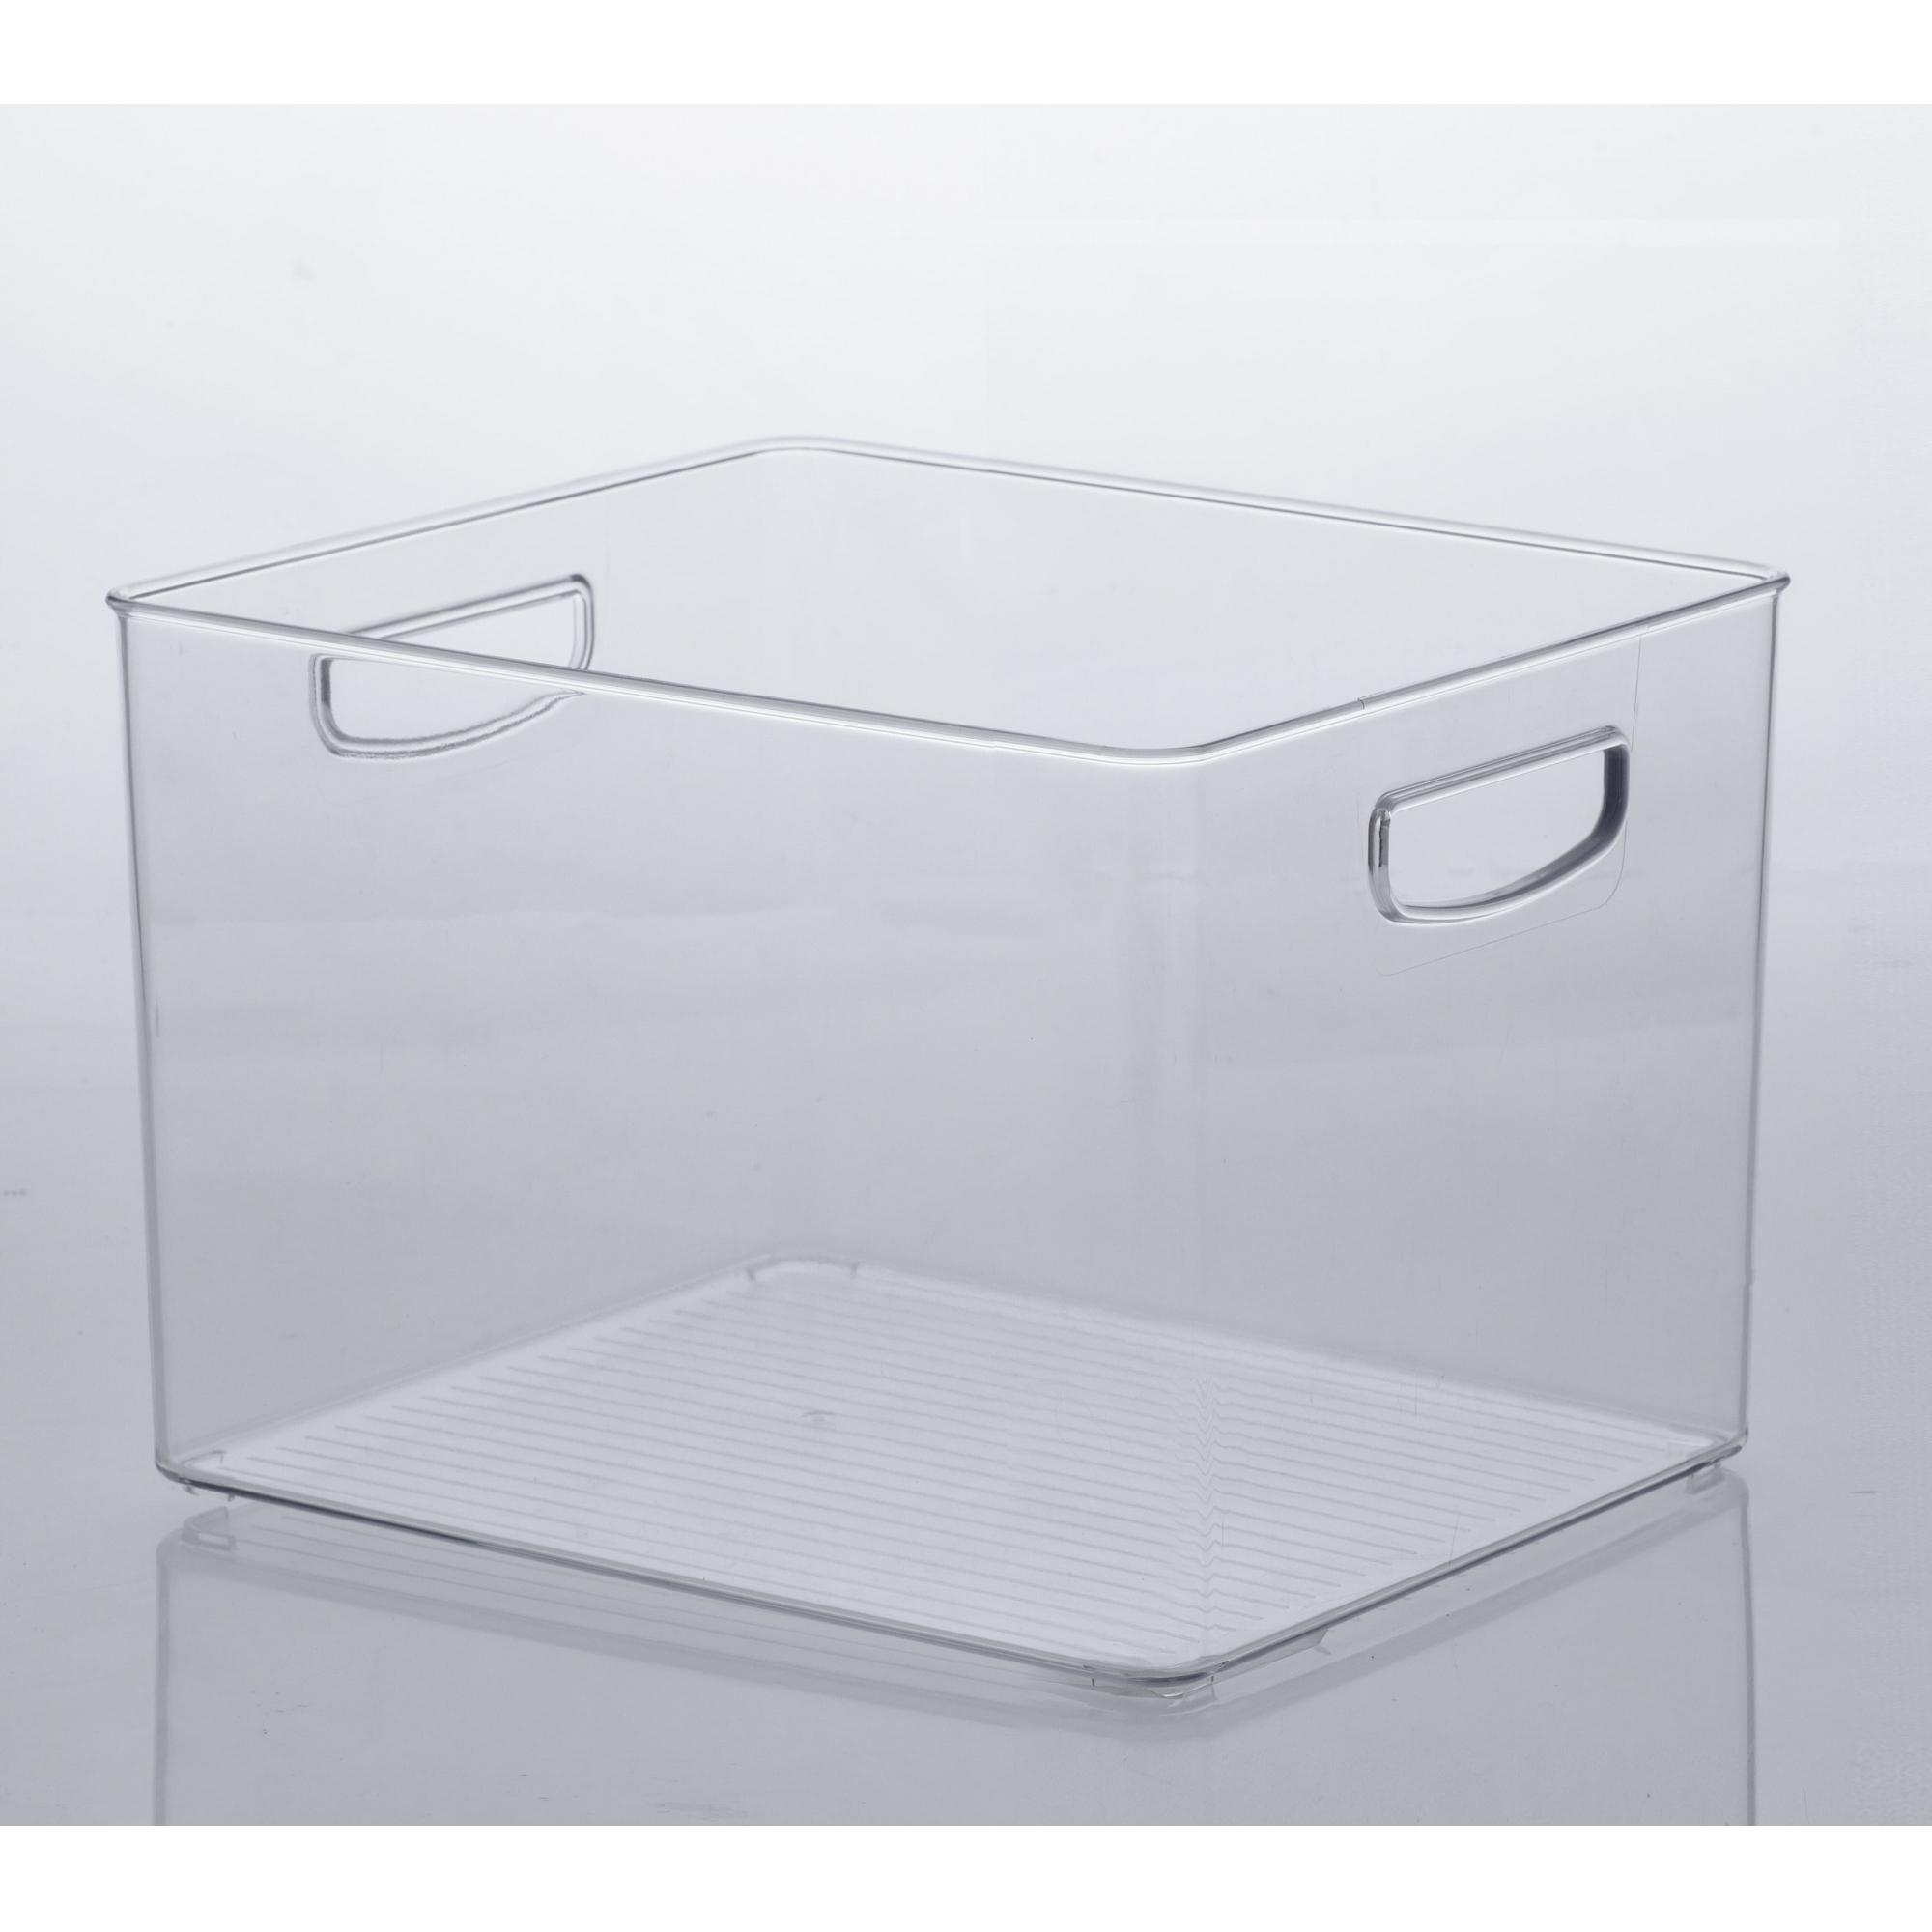 Organizador Modular Diamond - 25 x 25 x 17 cm - 1073